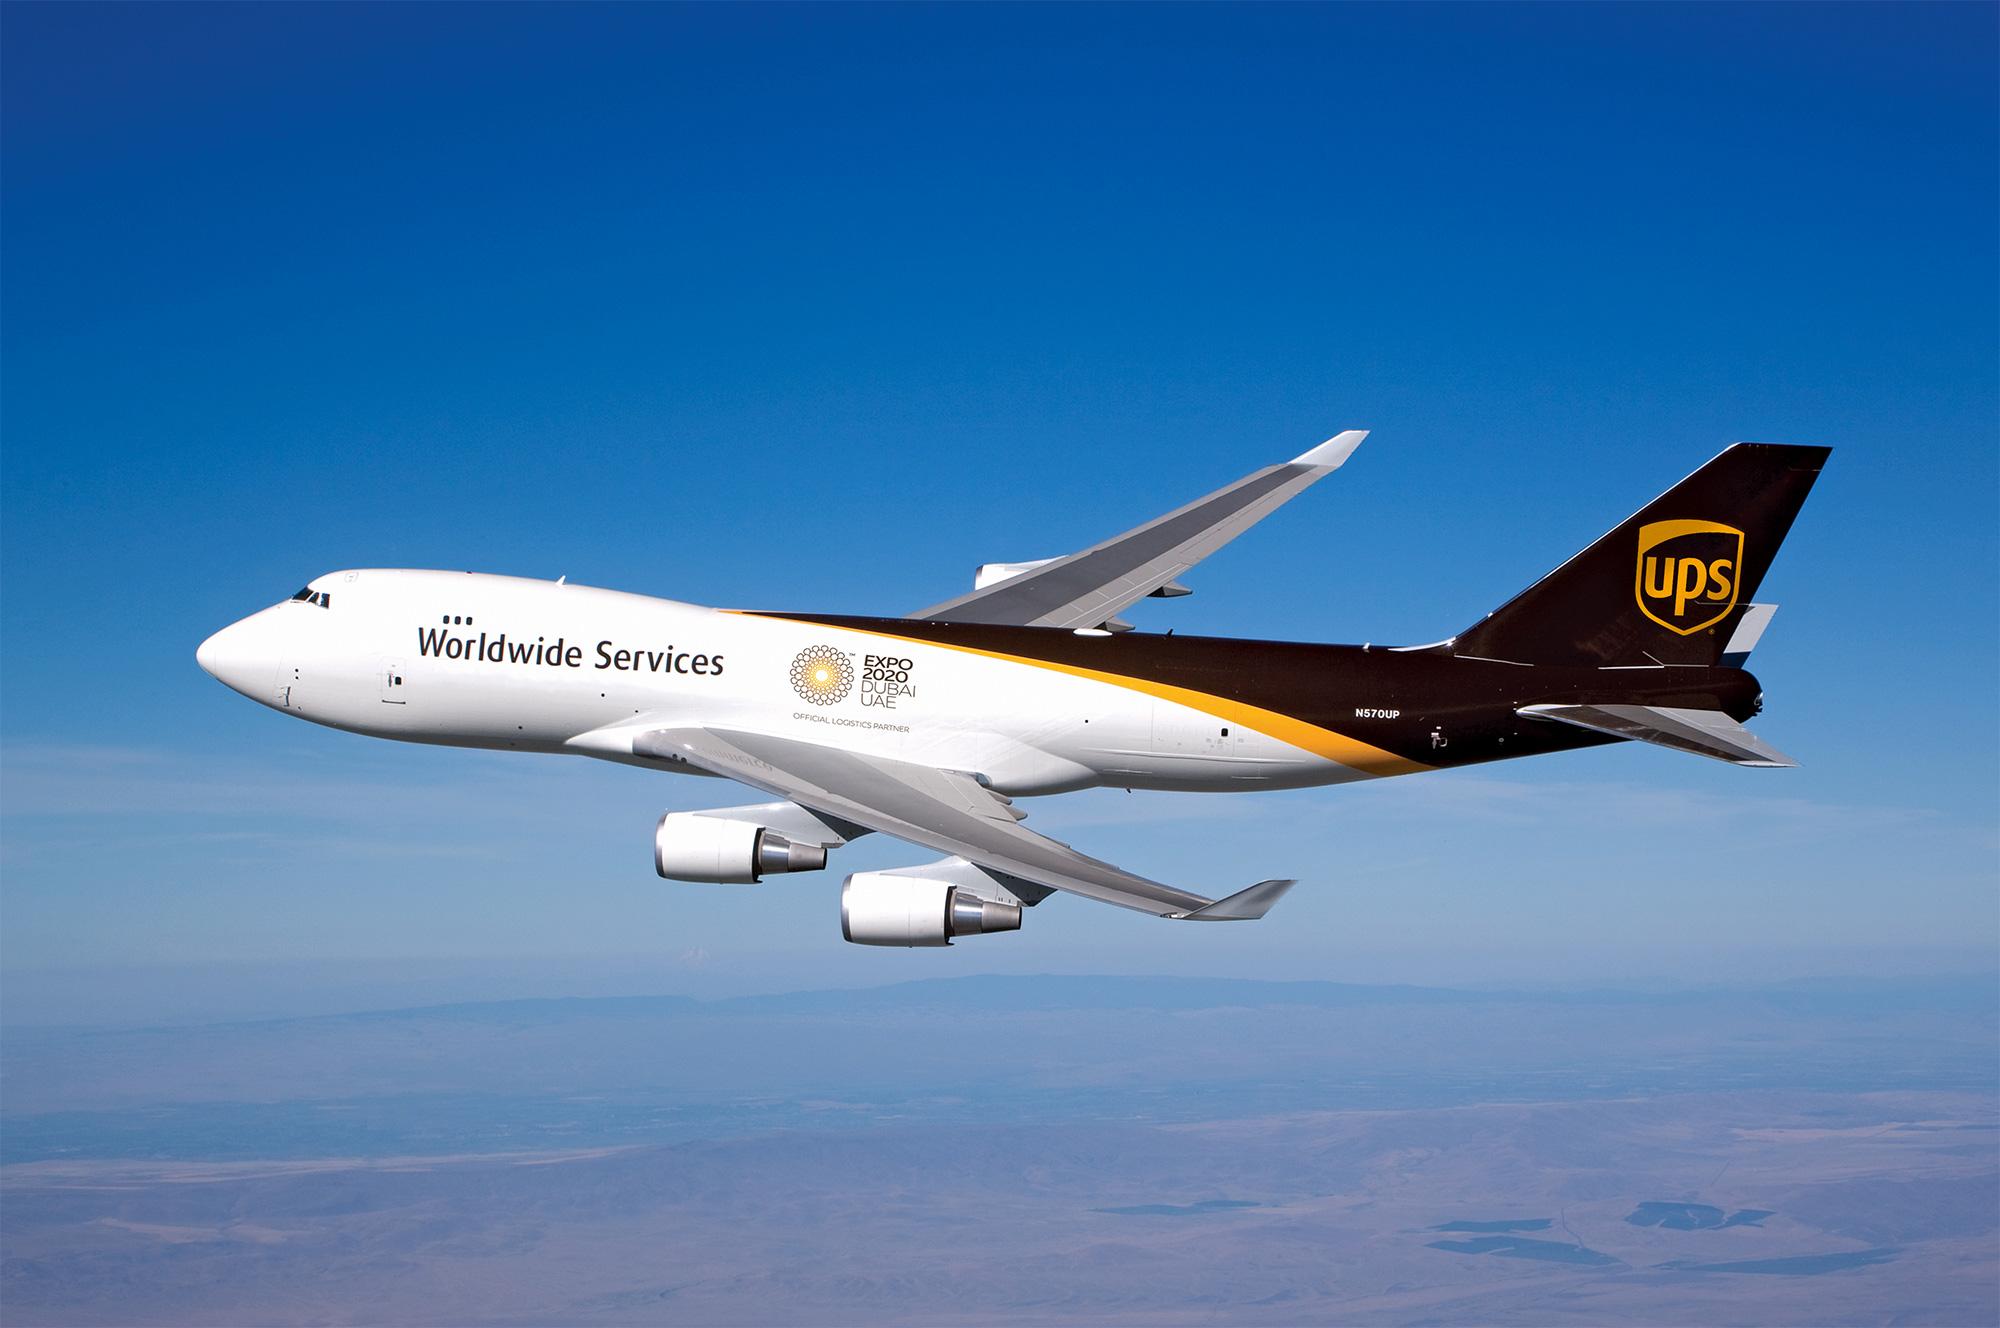 UPS国际快递 UPS快递 中国出口日本 出口日本时效 UPS服务时效 UPS快递时效 国际快递 鹿跃国际快递